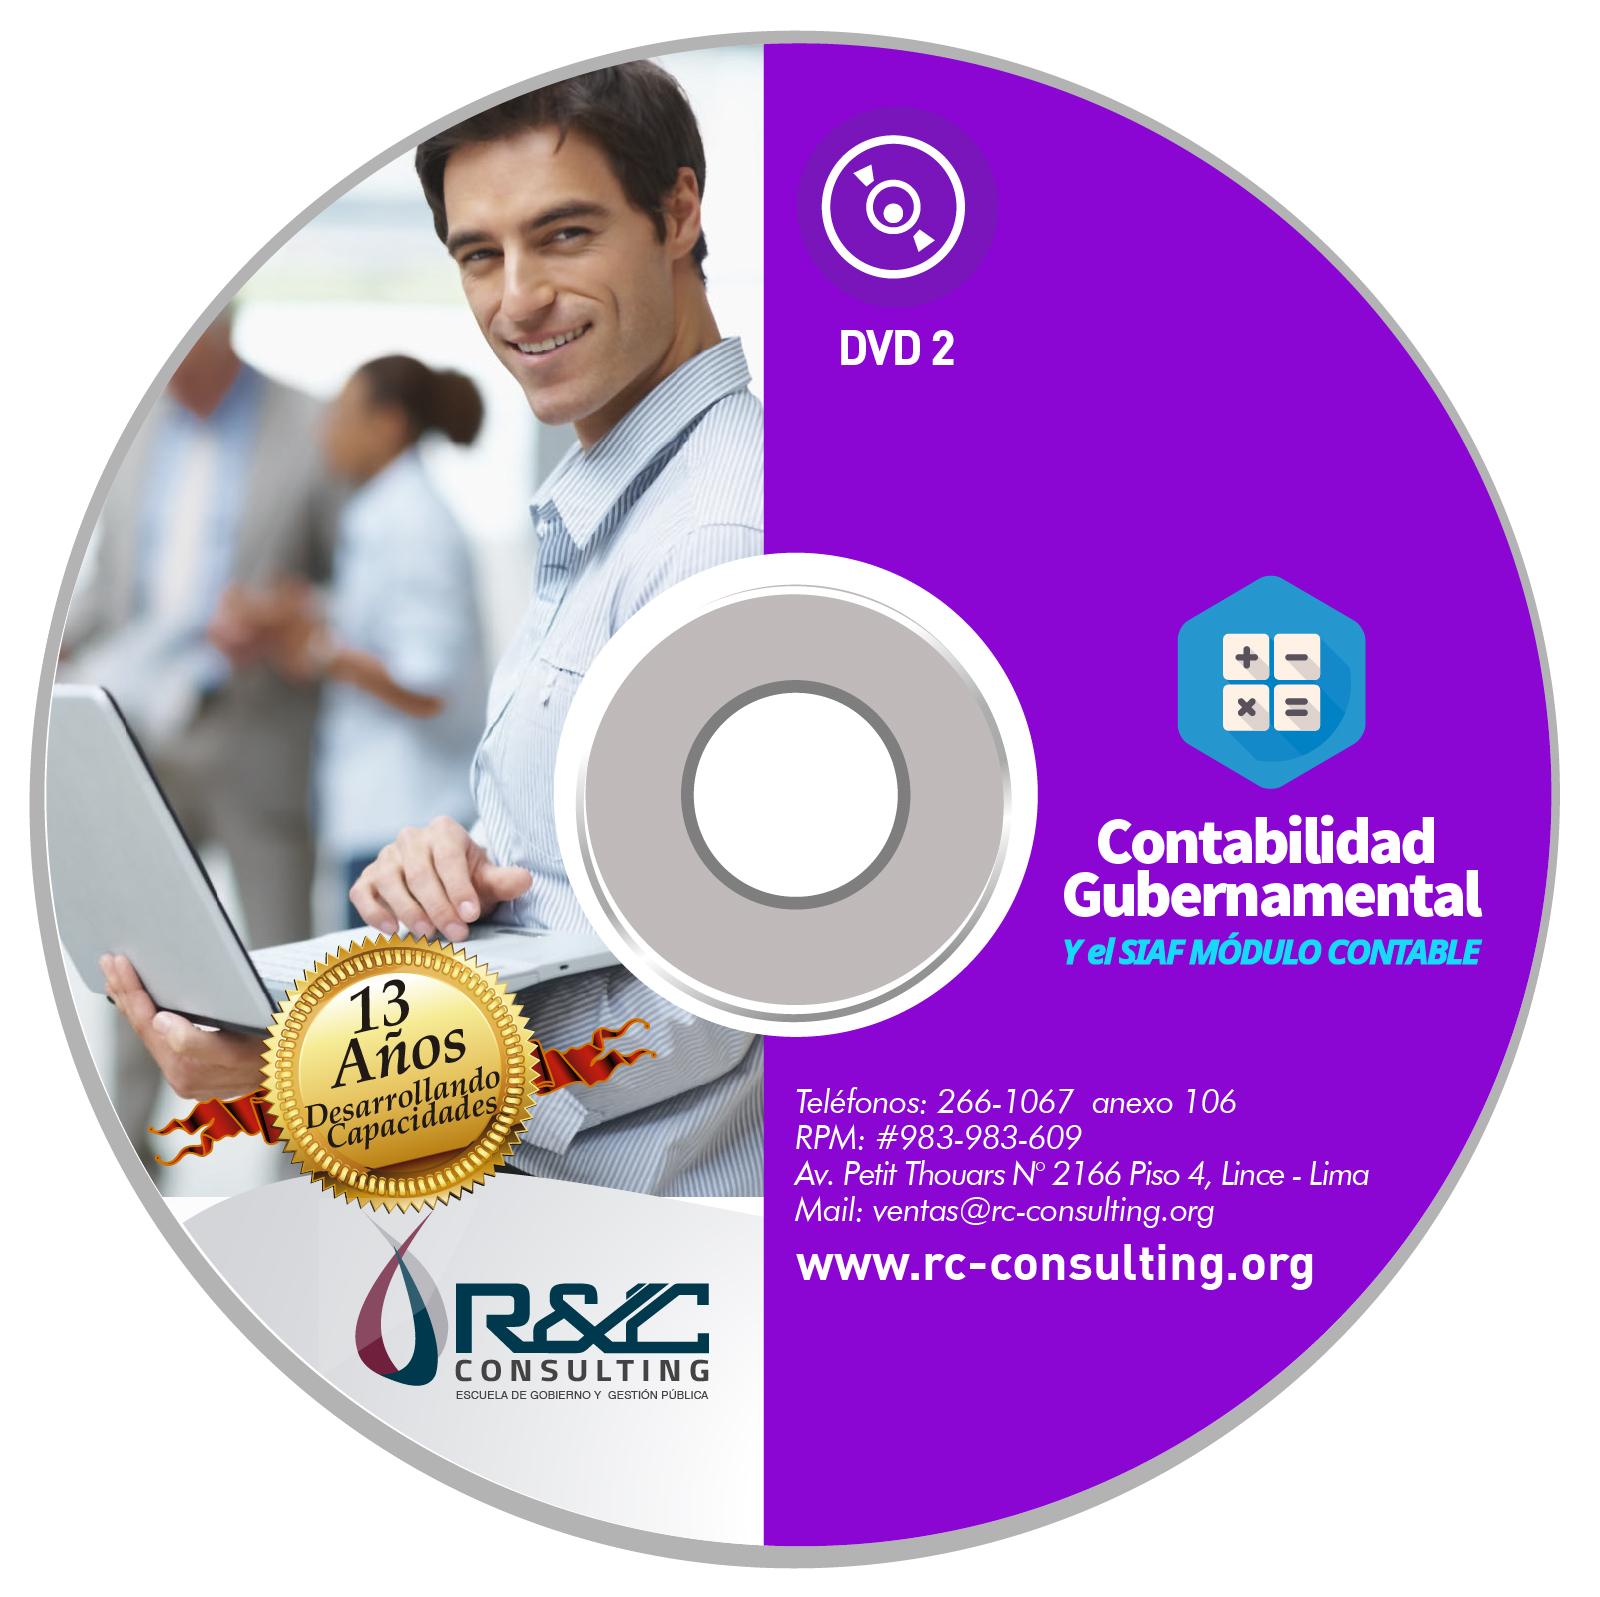 VIRTUAL contabilidad gubernamental 1 Capacitacion de Gestion Publica en DVD